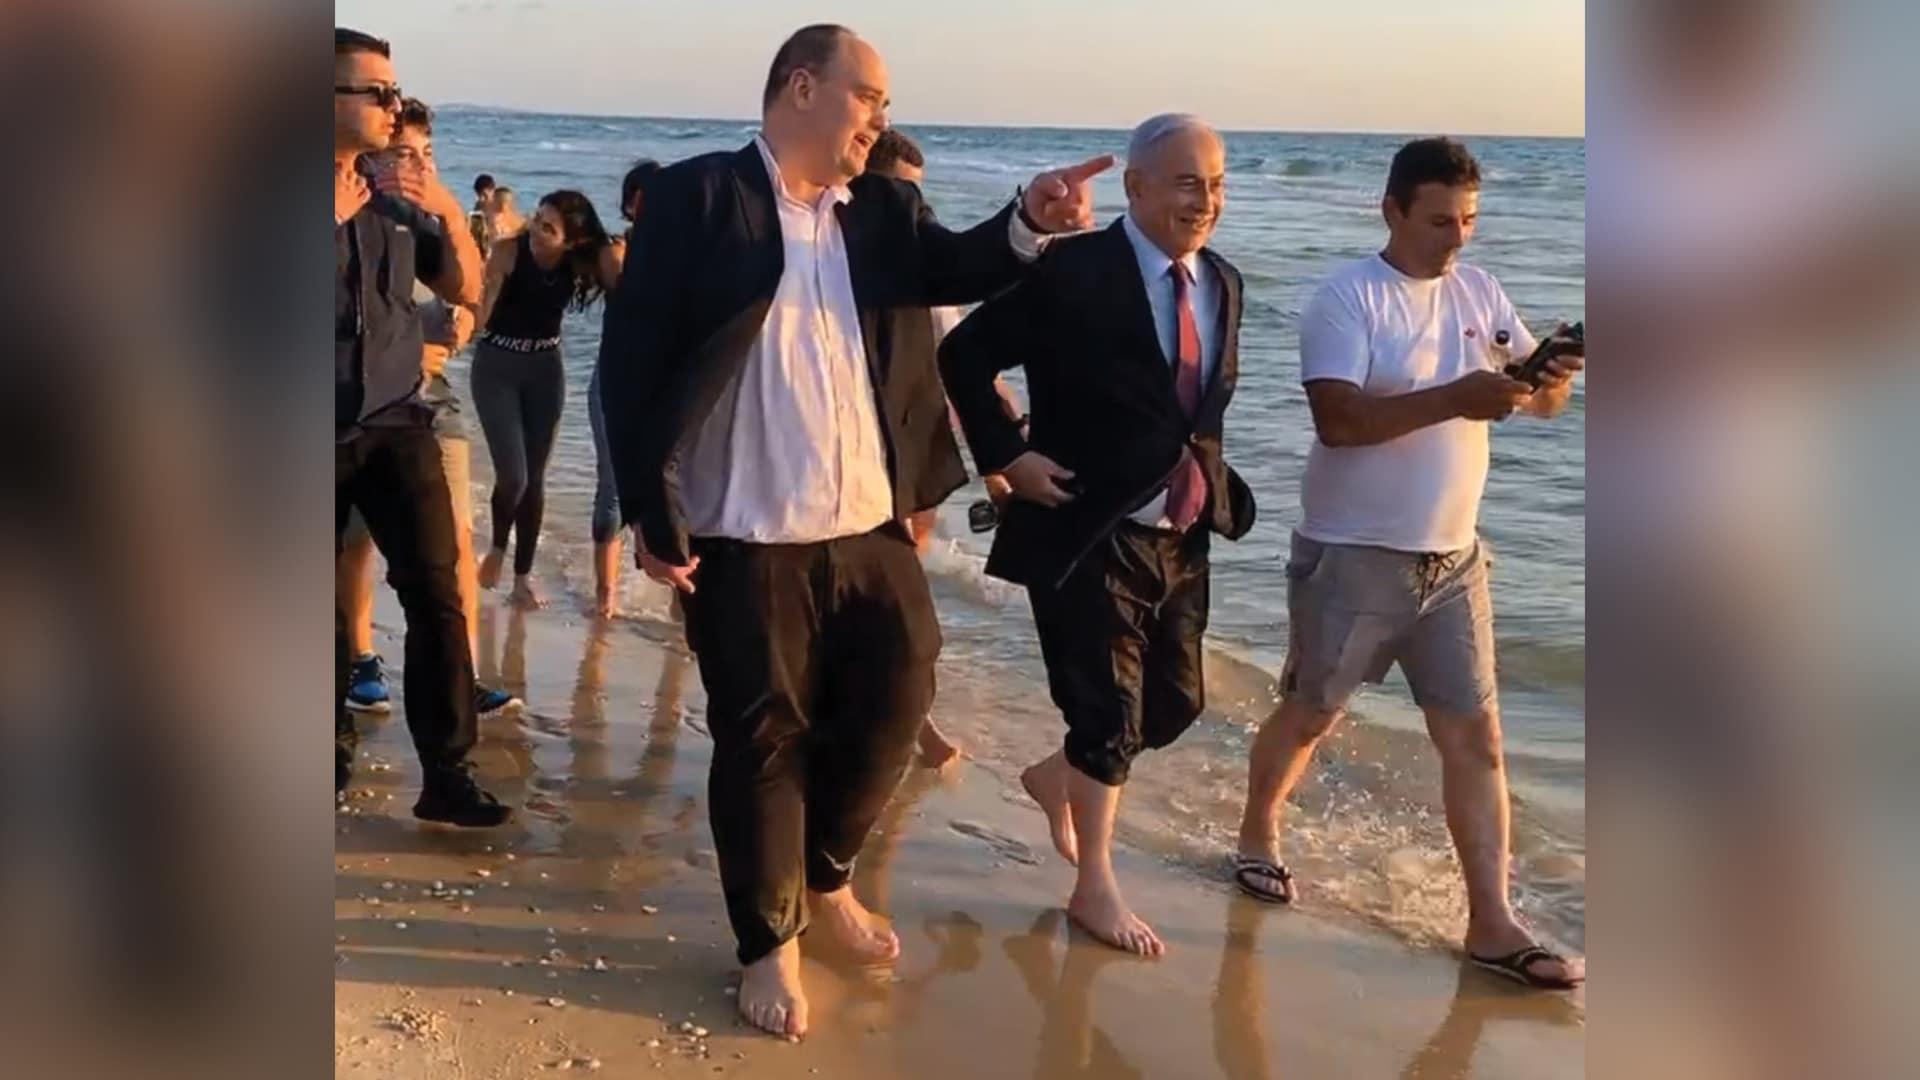 بنيامين نتنياهو حافي القدمين على شواطئ تل أبيب بعد فشله في تشكيل الحكومة (شاهد)